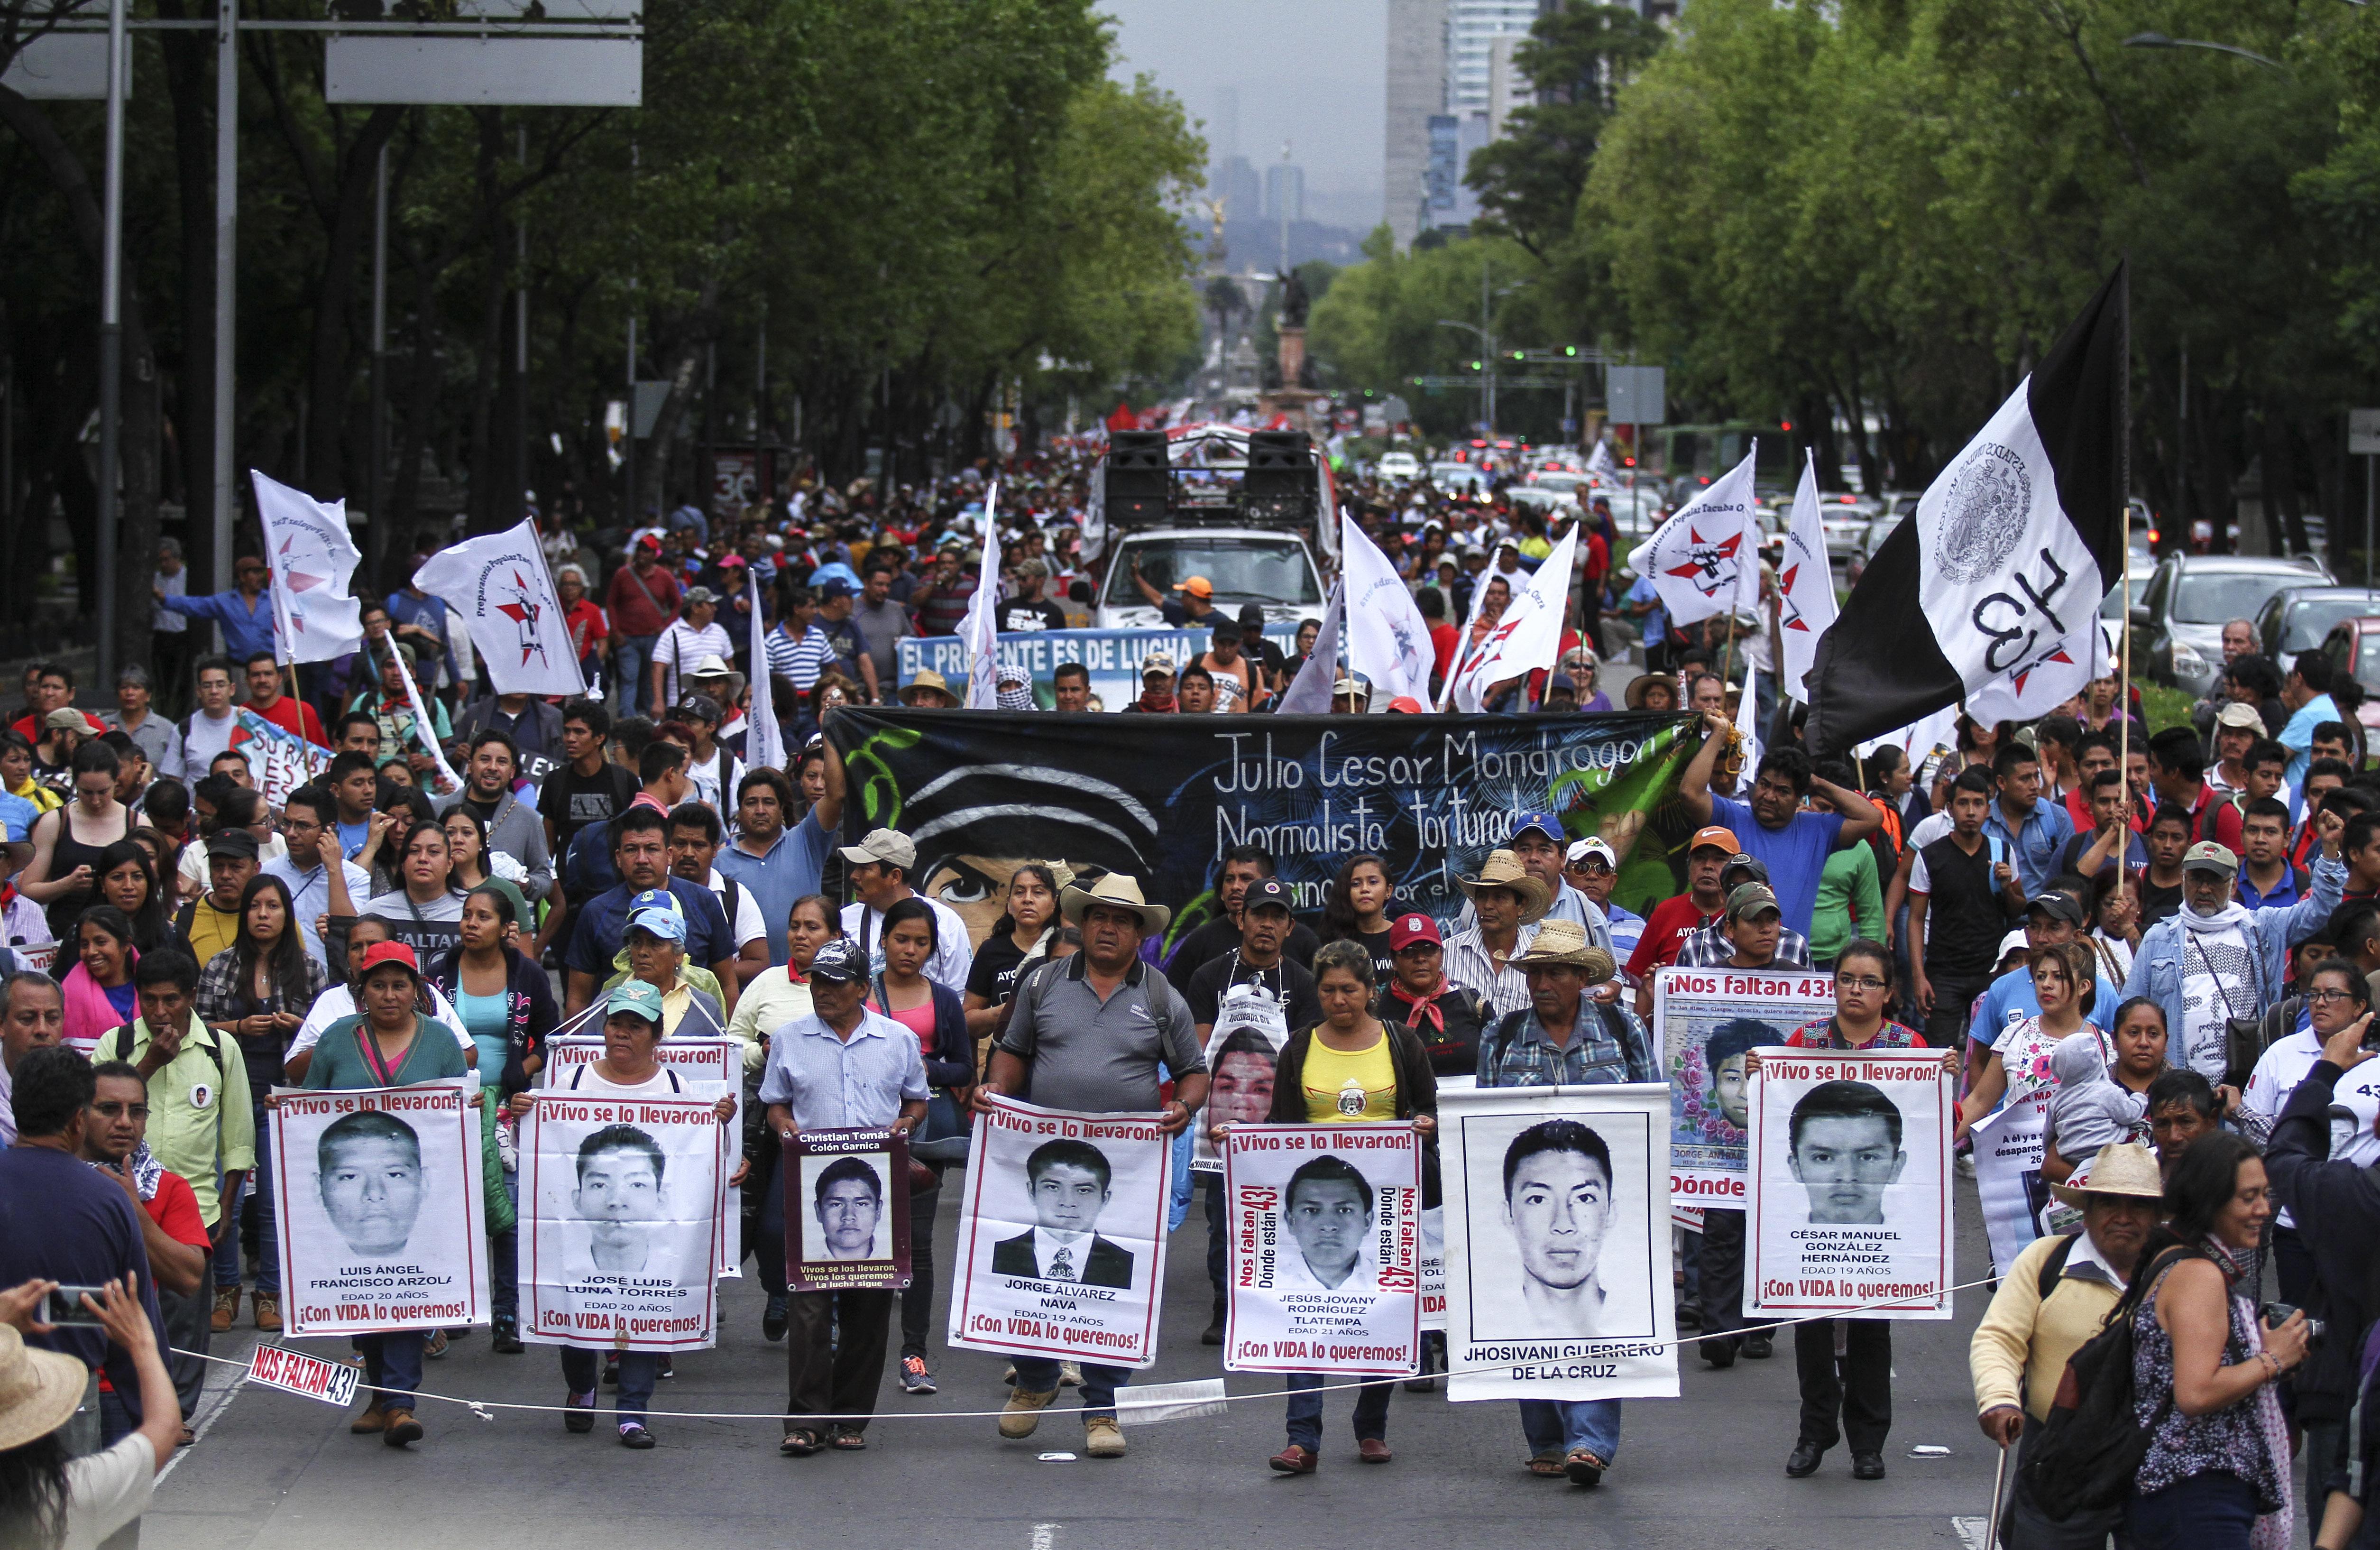 CIUDAD DE MÉXICO, 26JULIO2016.- Al cumplirse 22 meses del asesinato de 6 jóvenes y la desaparición de 43 estudiantes normalistas de Ayotzinapa, sus madres y padres realizaron una marcha de la Procuraduría General de la República PGR al antimonumento a los 43 por la exigencia de aparición con vida y el castigo a los responsables de aquella noche tragica en Iguala, Guerrero.   FOTO: ADOLFO VLADIMIR /CUARTOSCURO.COM